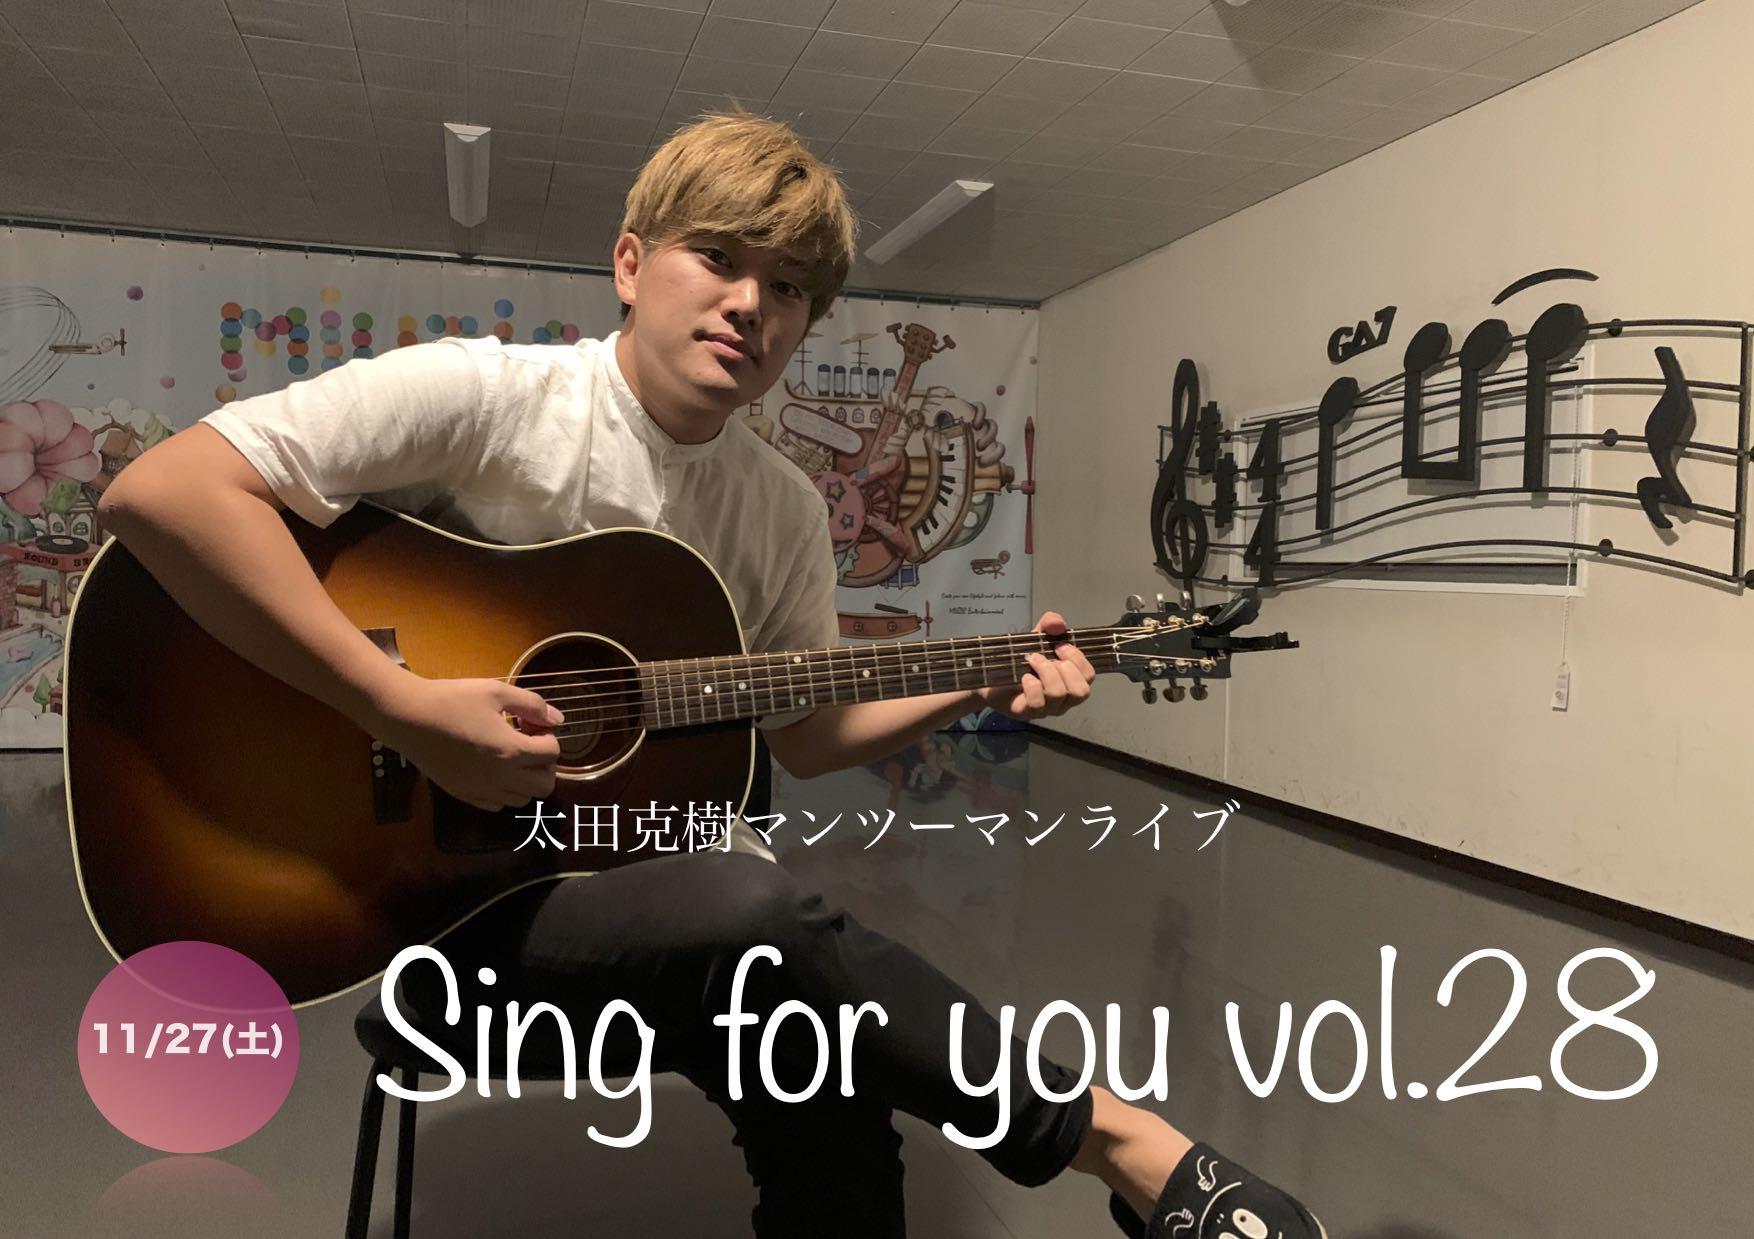 【太田克樹】11/28(日)マンツーマンライブ「Sing for you vol.28」